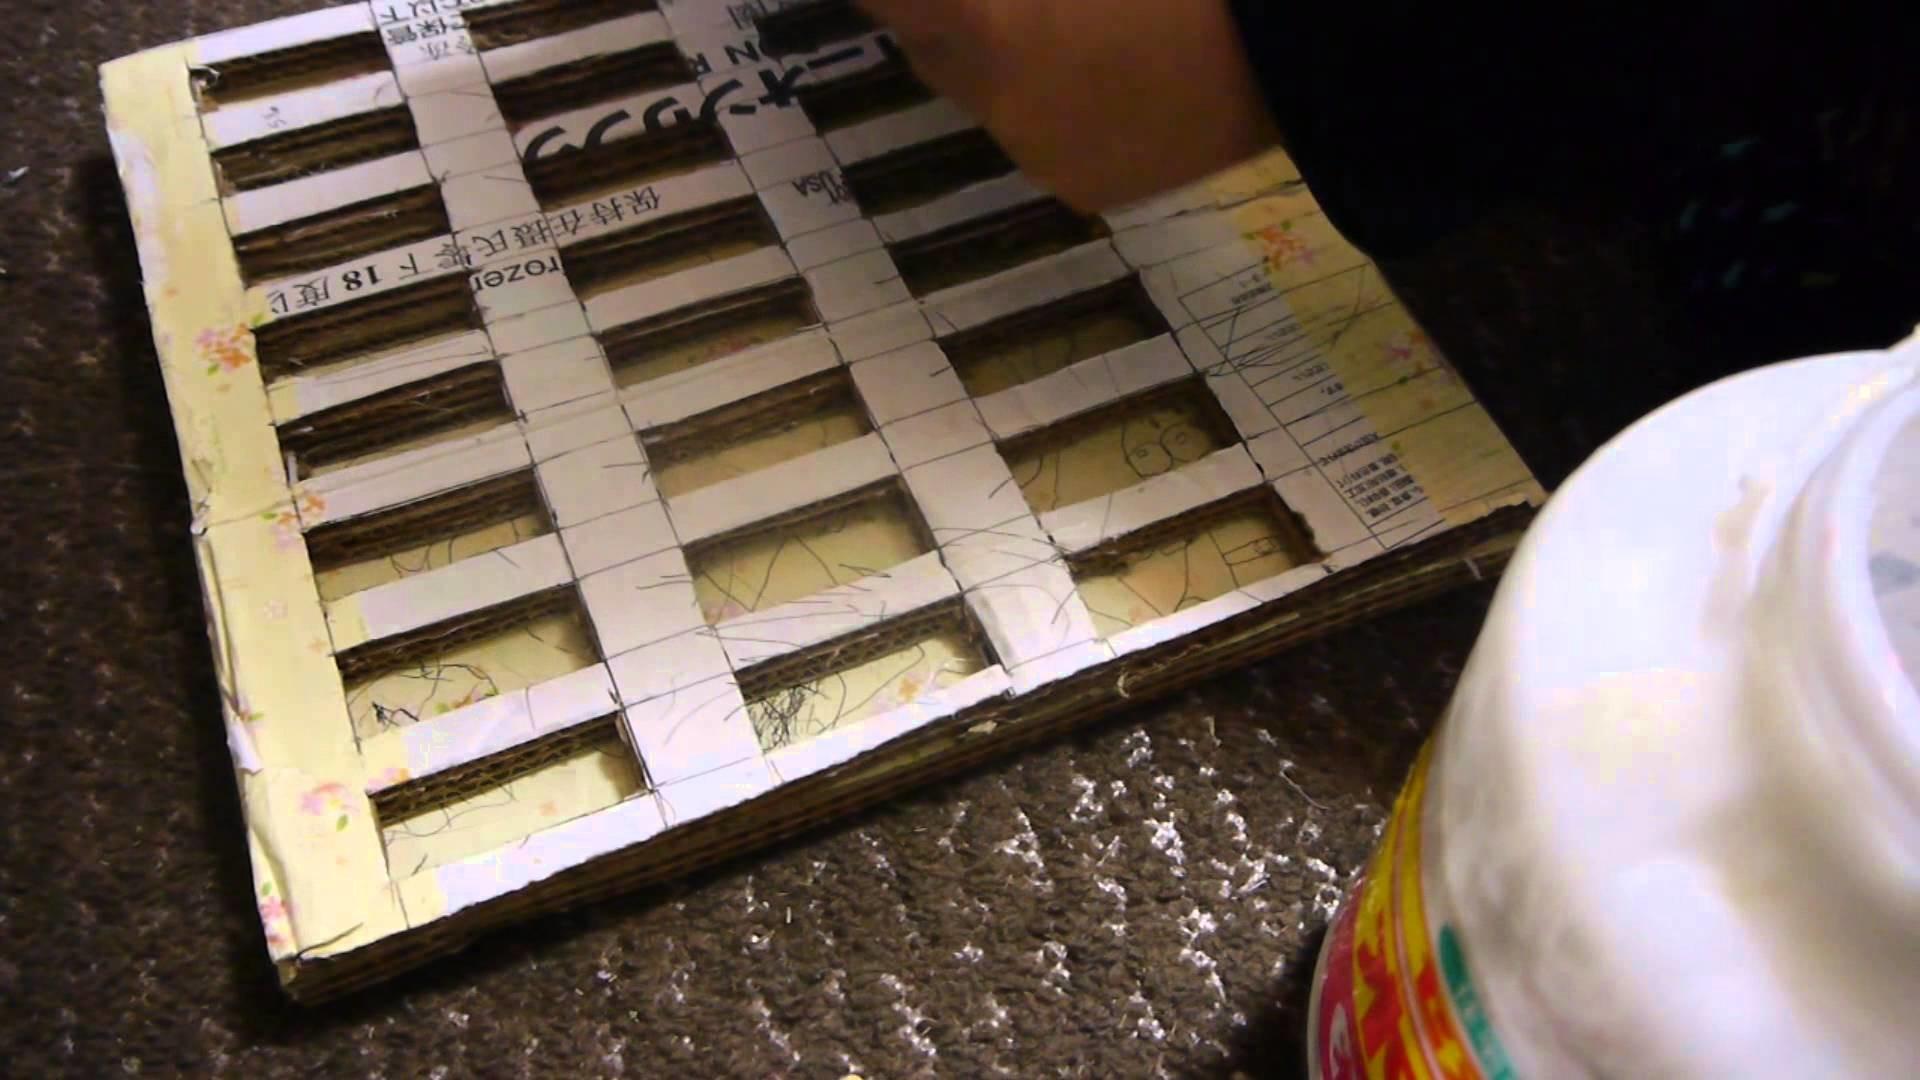 Manualidades: Organizador de esmaltes - Juancarlos960